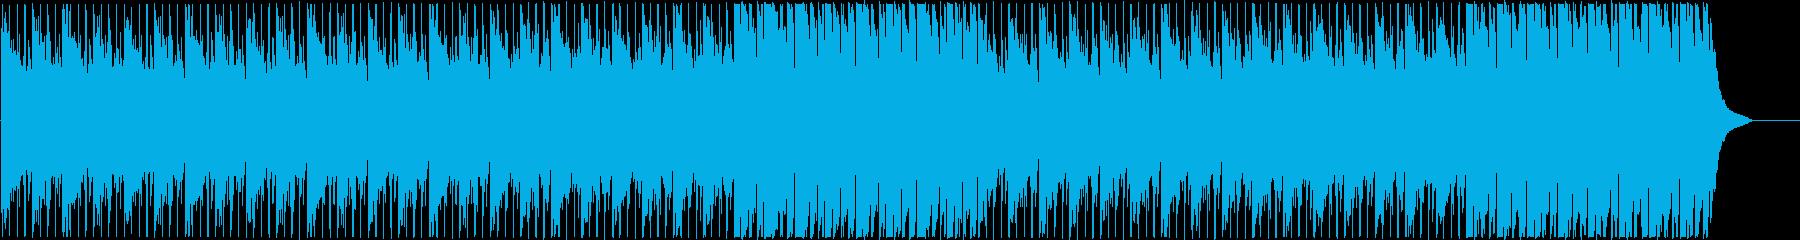 企業VPに 疾走感のあるエンディング曲の再生済みの波形